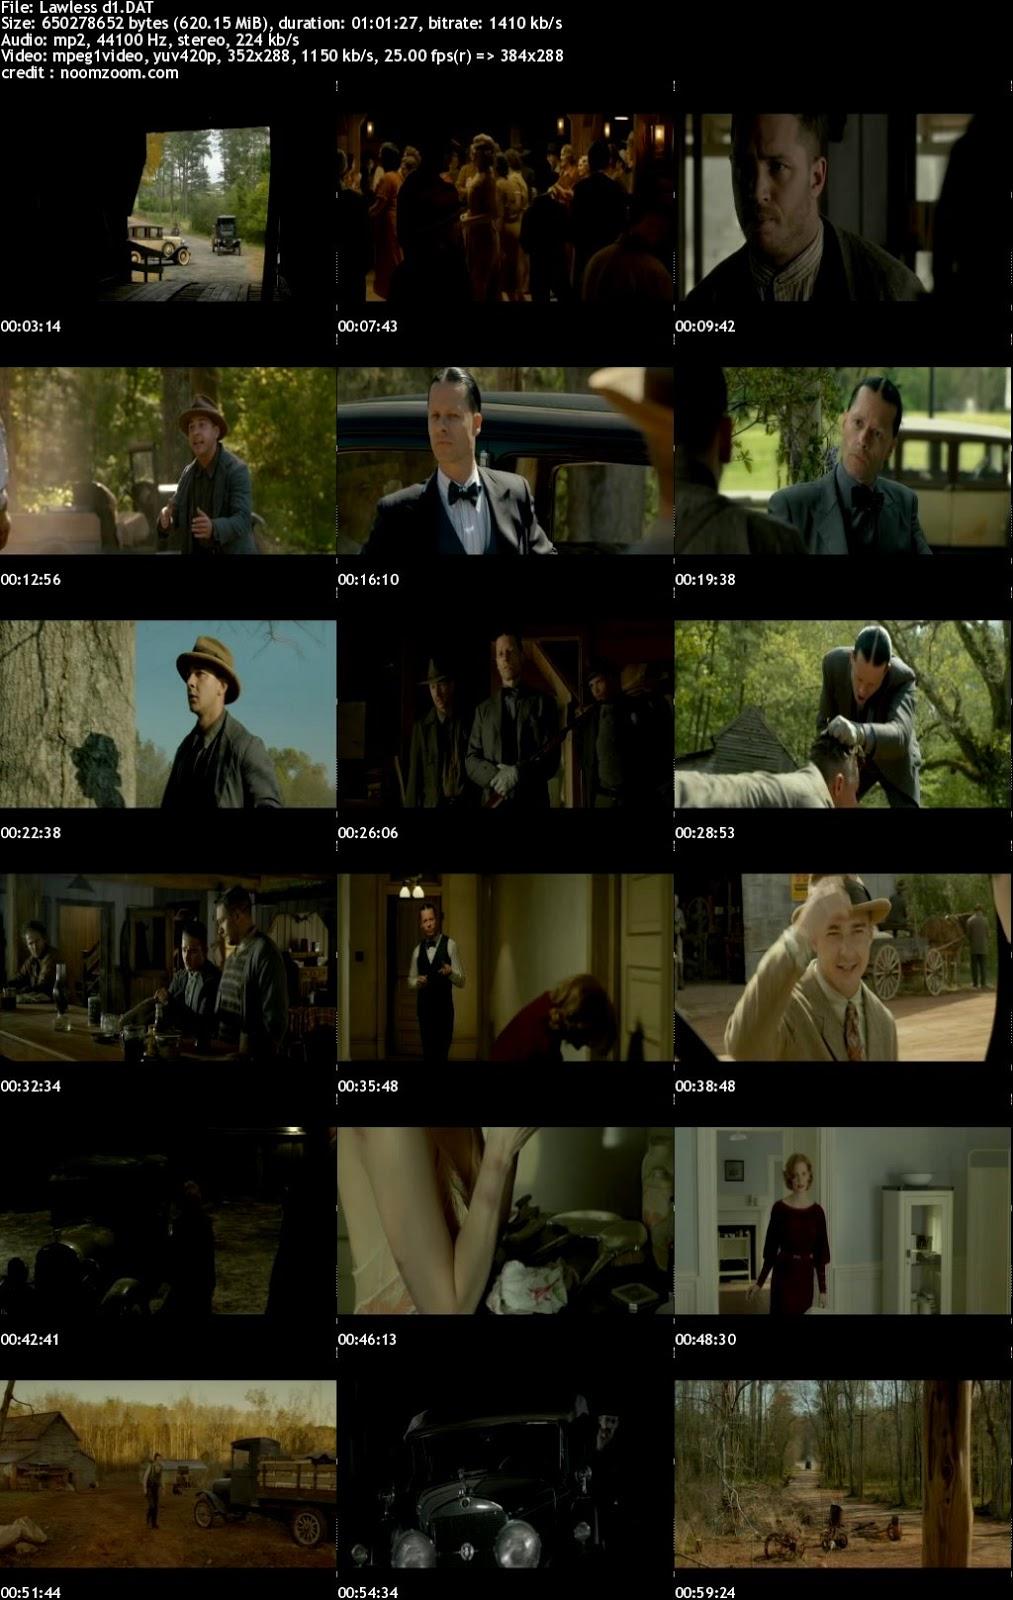 โหลดหนัง HD, โหลด HD, โหลดหนัง Mini-HD, โหลดหนัง Super Mini-HD, โหลดหนัง Master HD